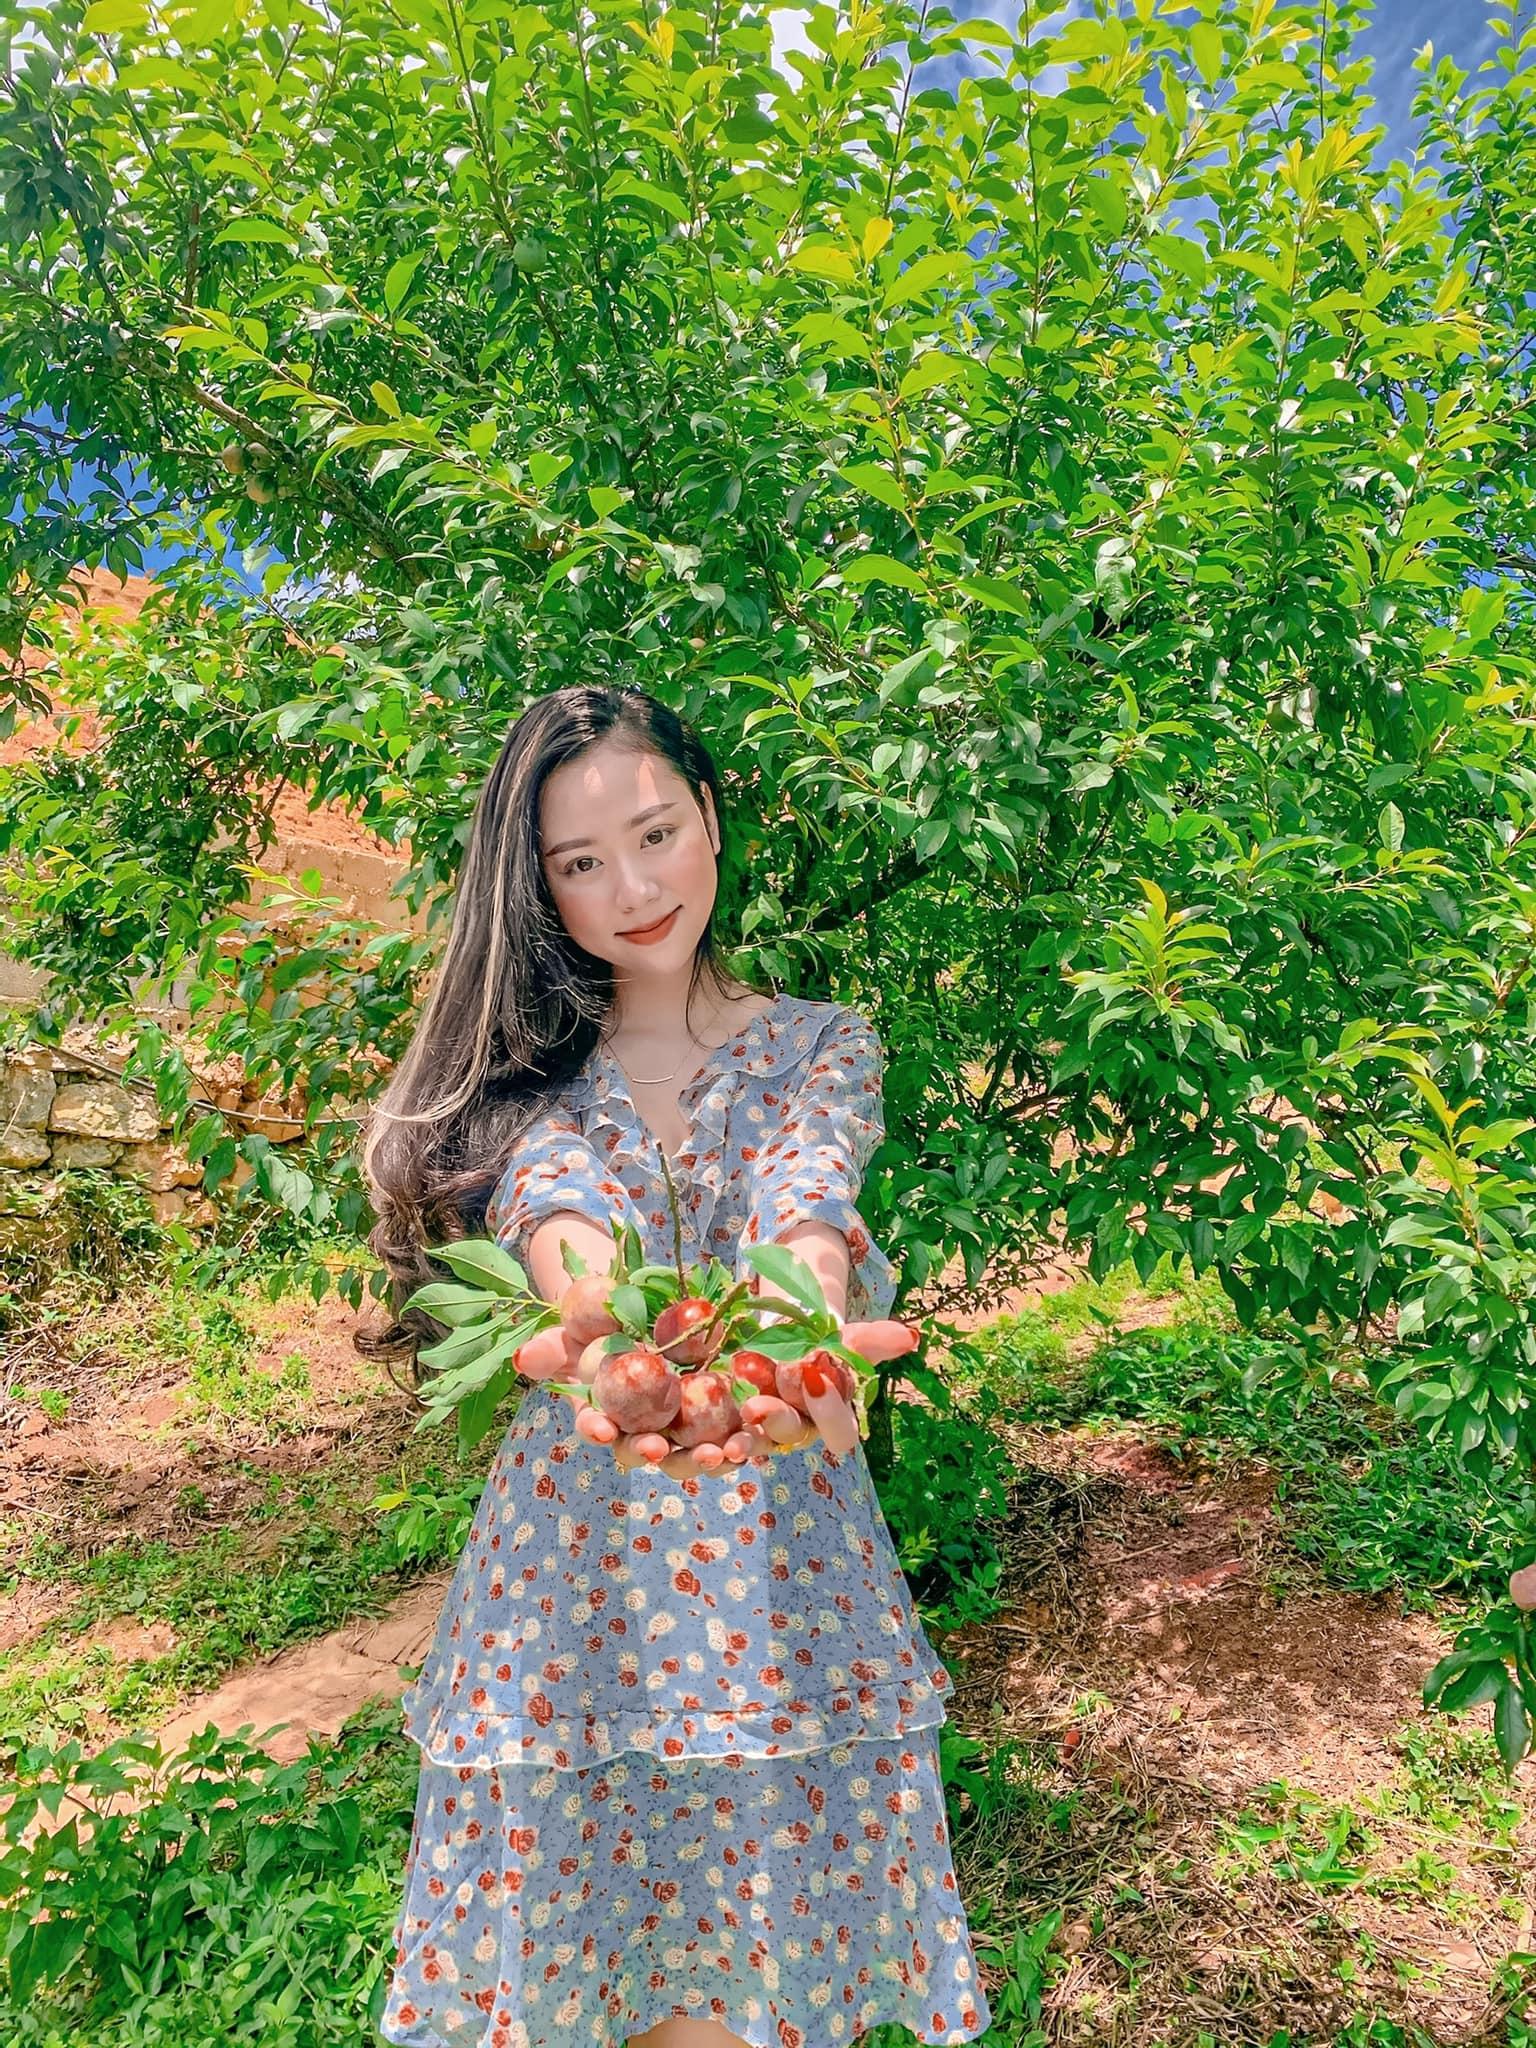 Tháng 5, 6 là mùa mận chín ở Mộc Châu. Hình: NhatHa Phan